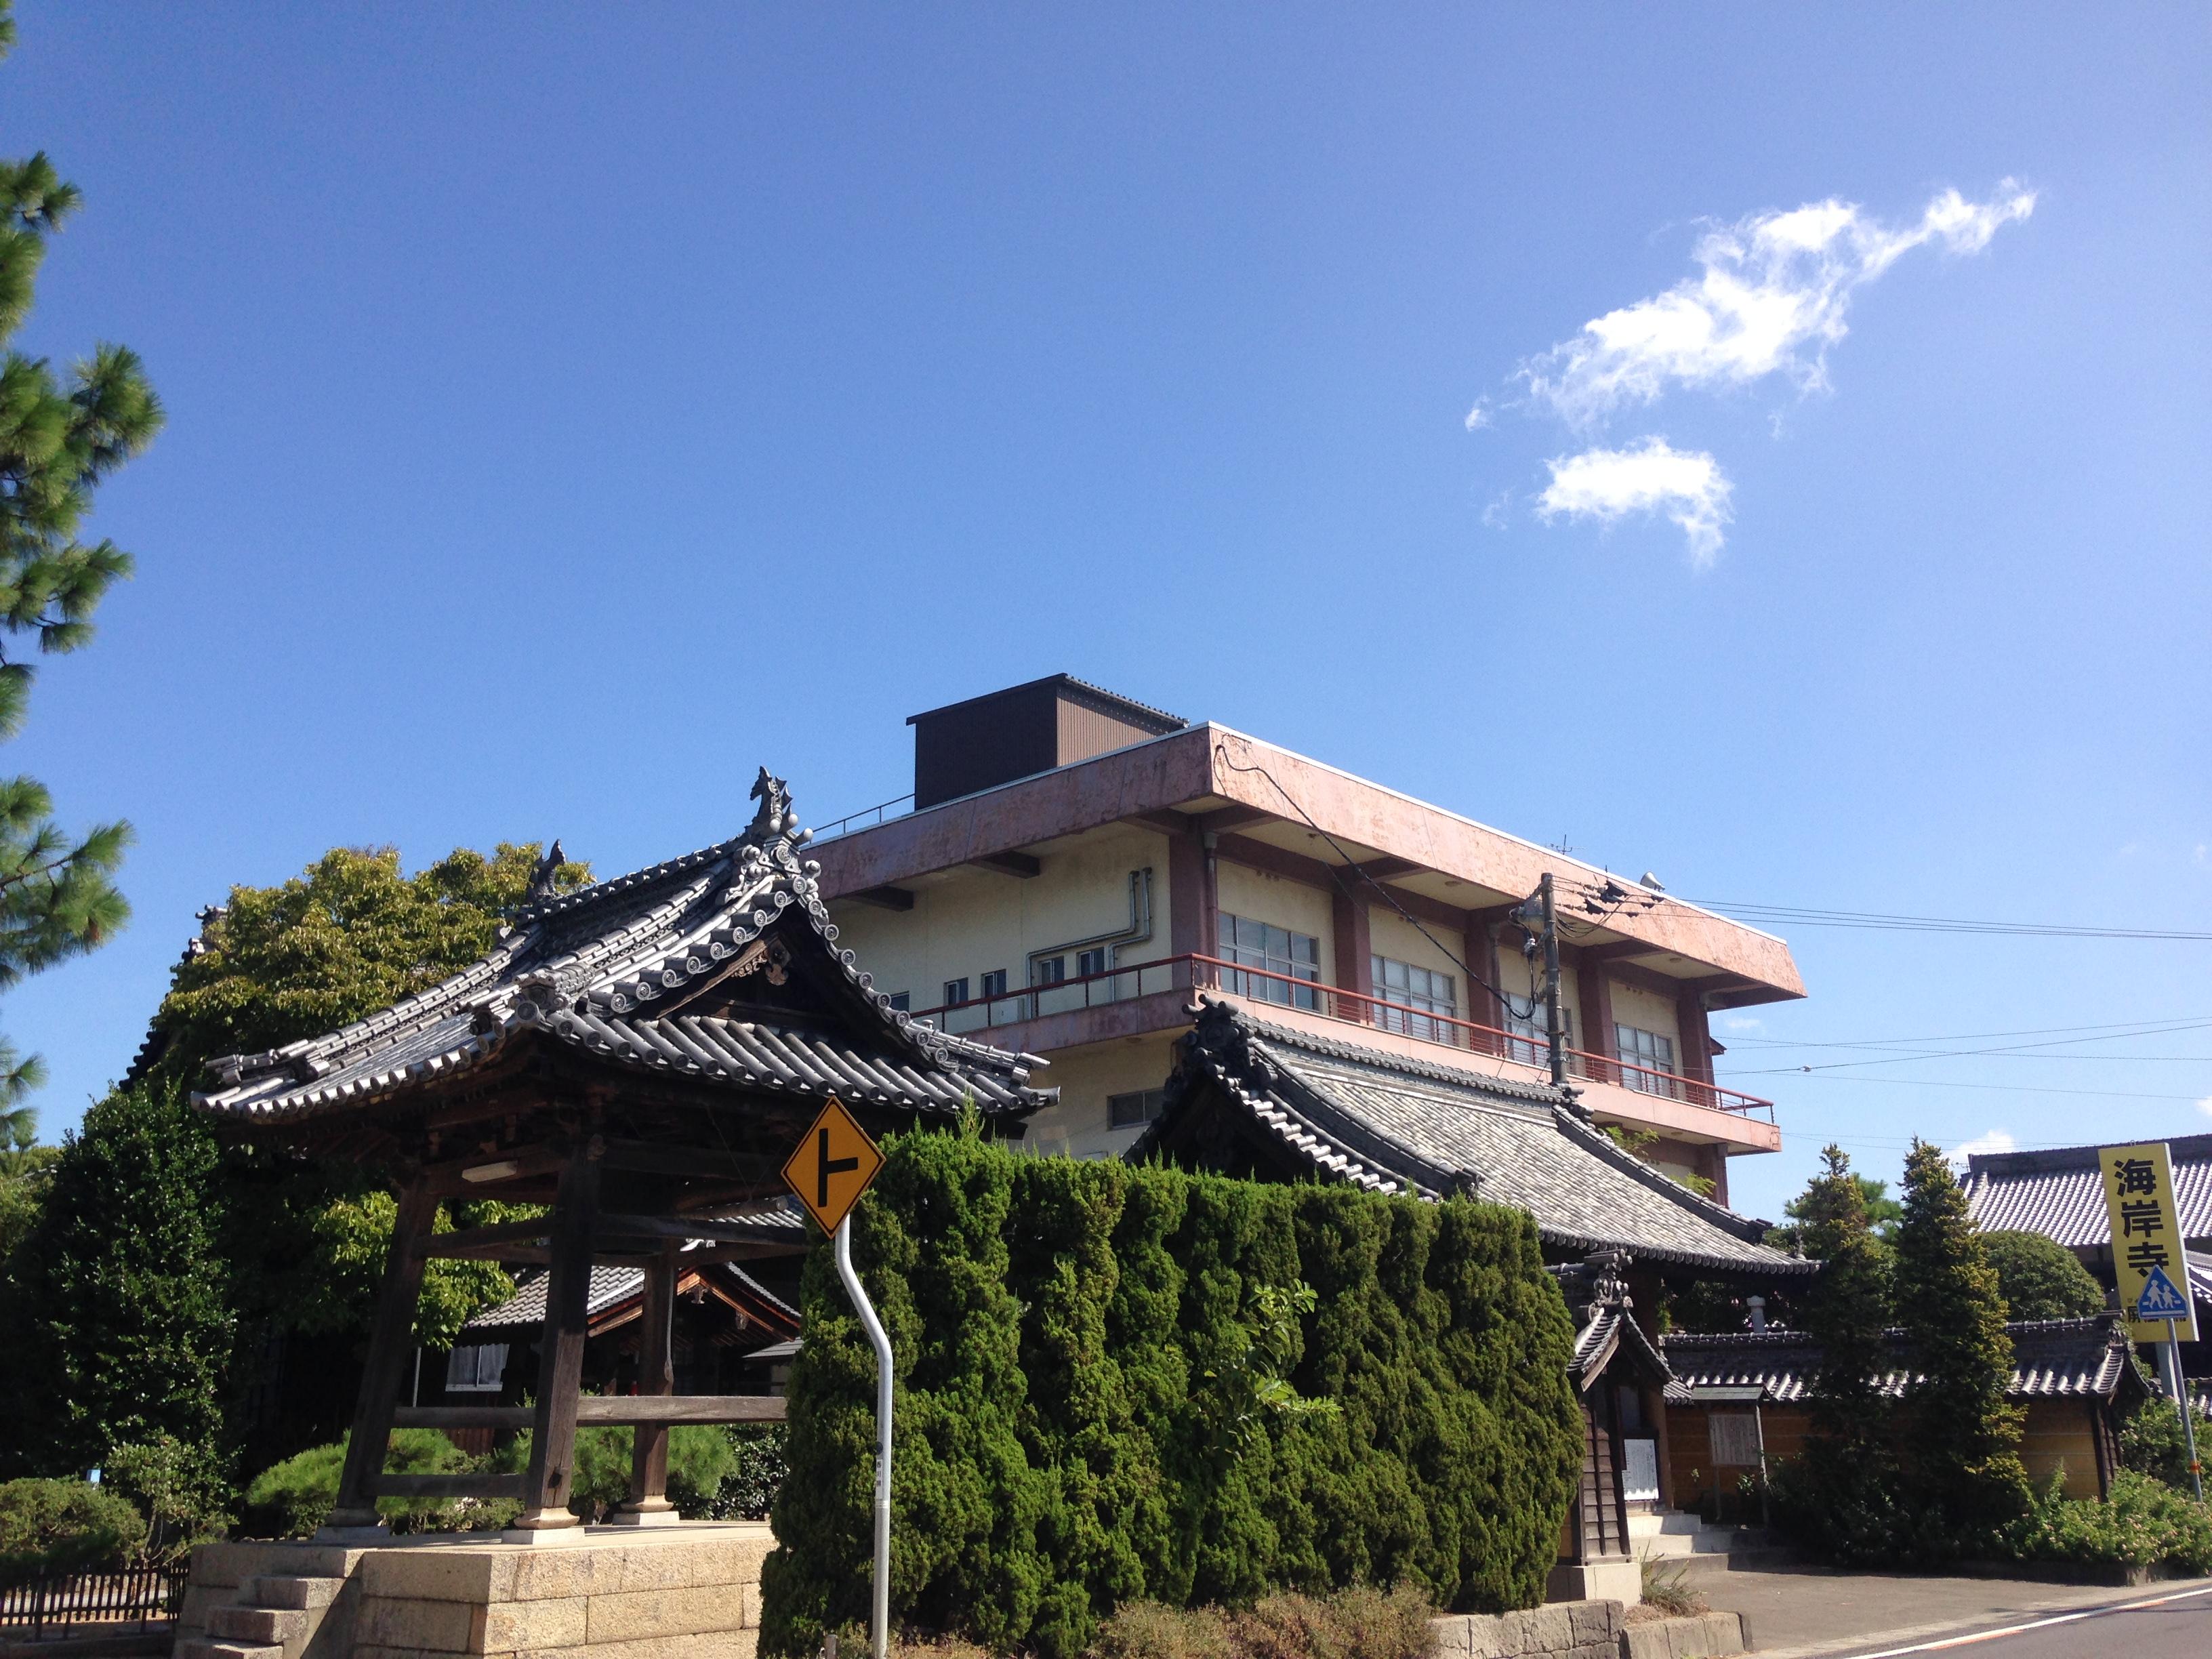 屏風浦「海岸寺」への交通アクセス